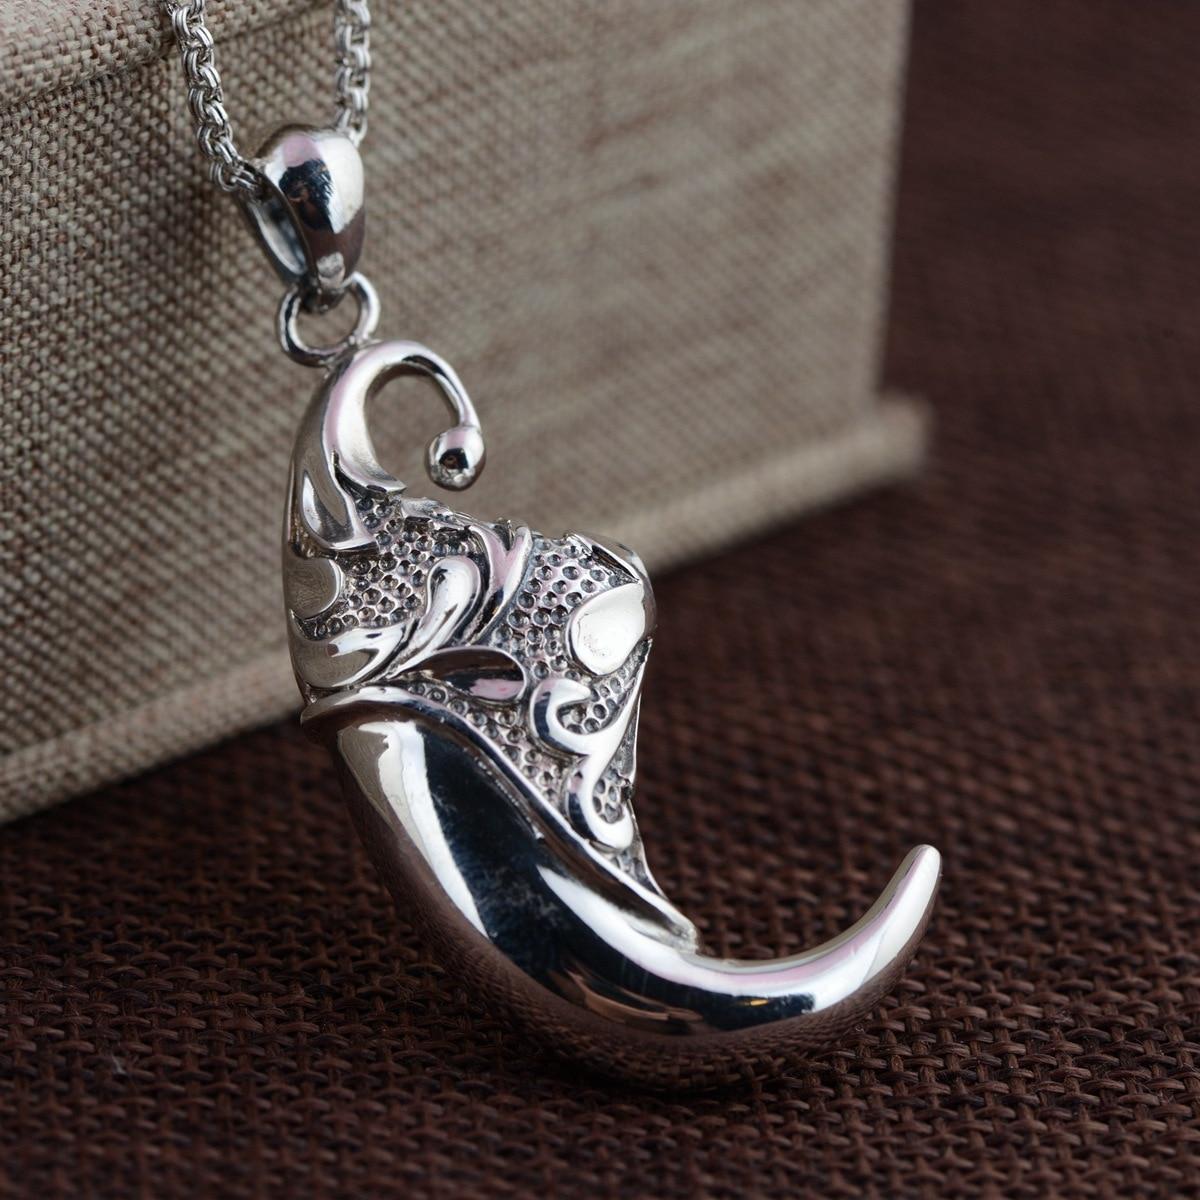 Cerf roi bijoux en gros S925 pendentif en argent Sterling antique artisanat nouvelle personnalité de mode grand cadeau